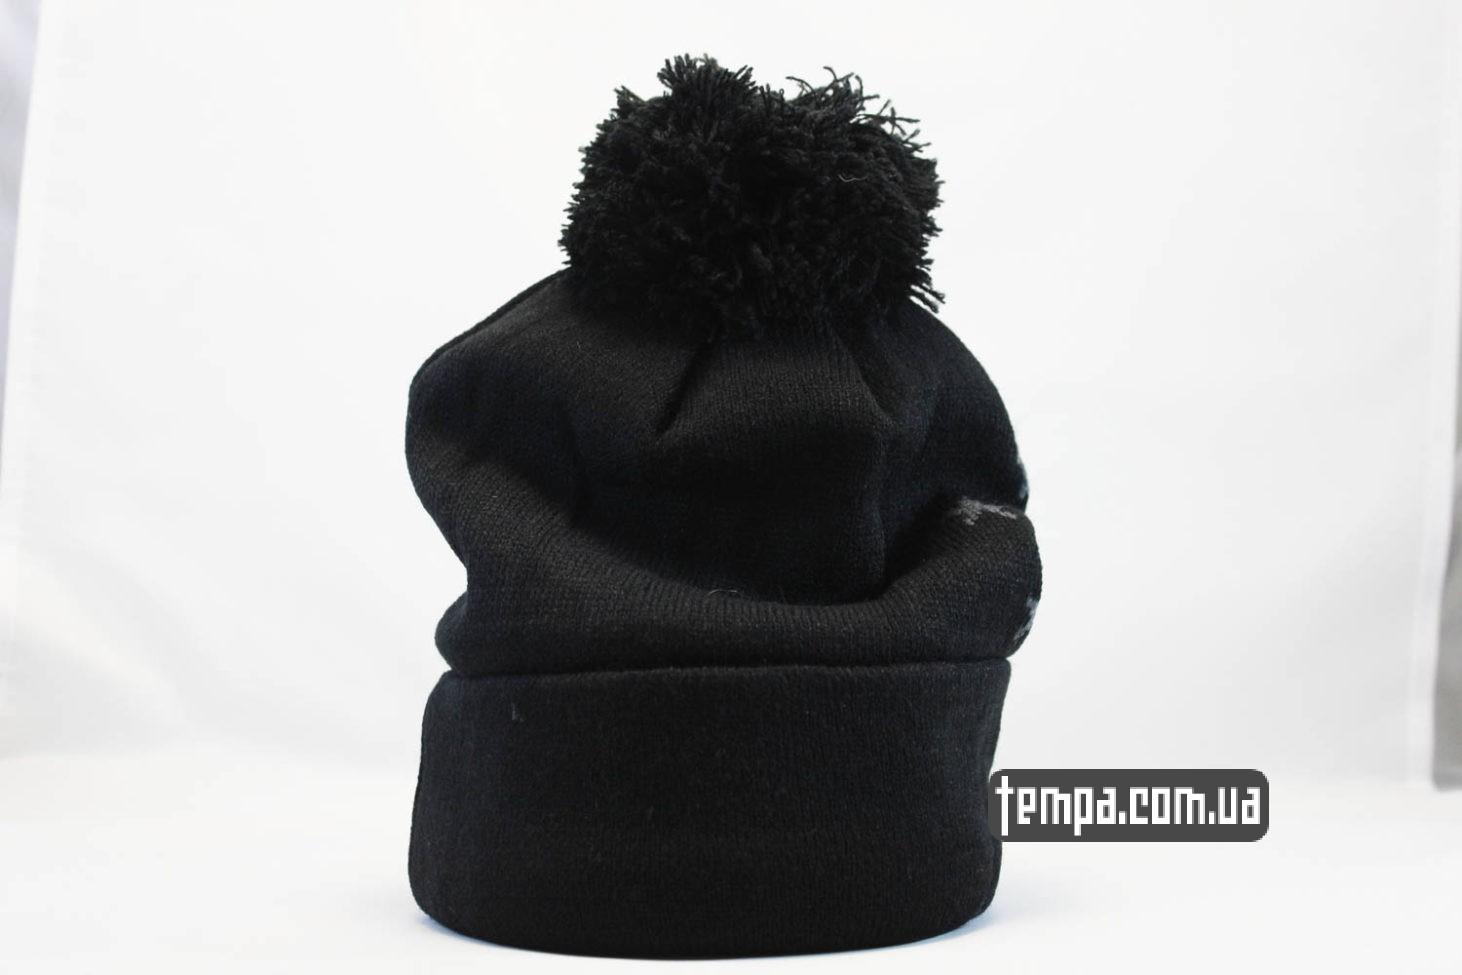 зимняя одежда nike шапка beanie NIKE черная со звездами и балабоном